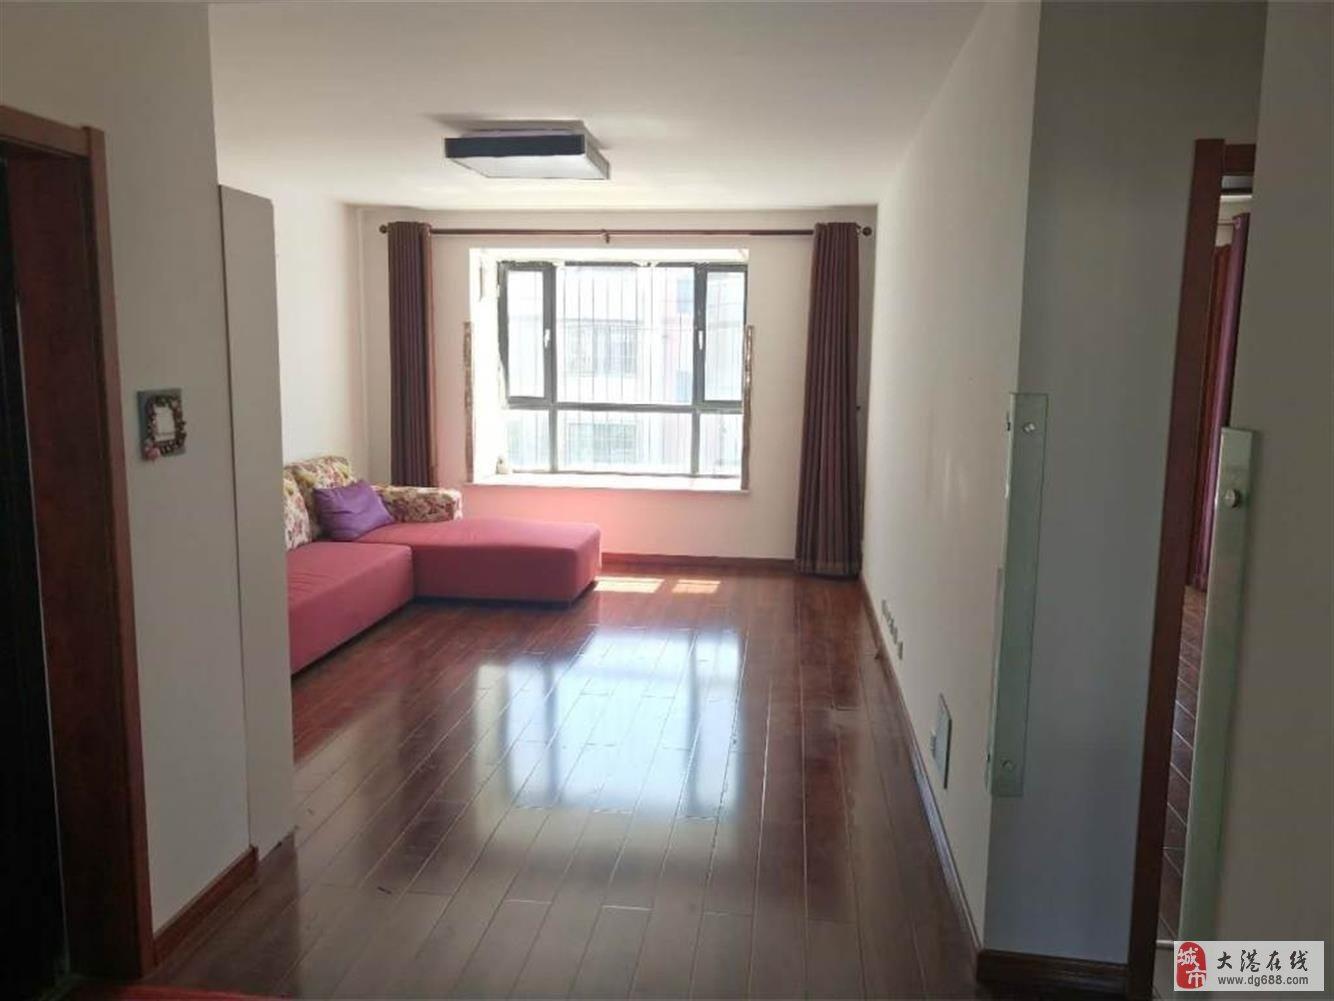 便宜房福绣园四楼精装两室南北通厅90平仅售97万